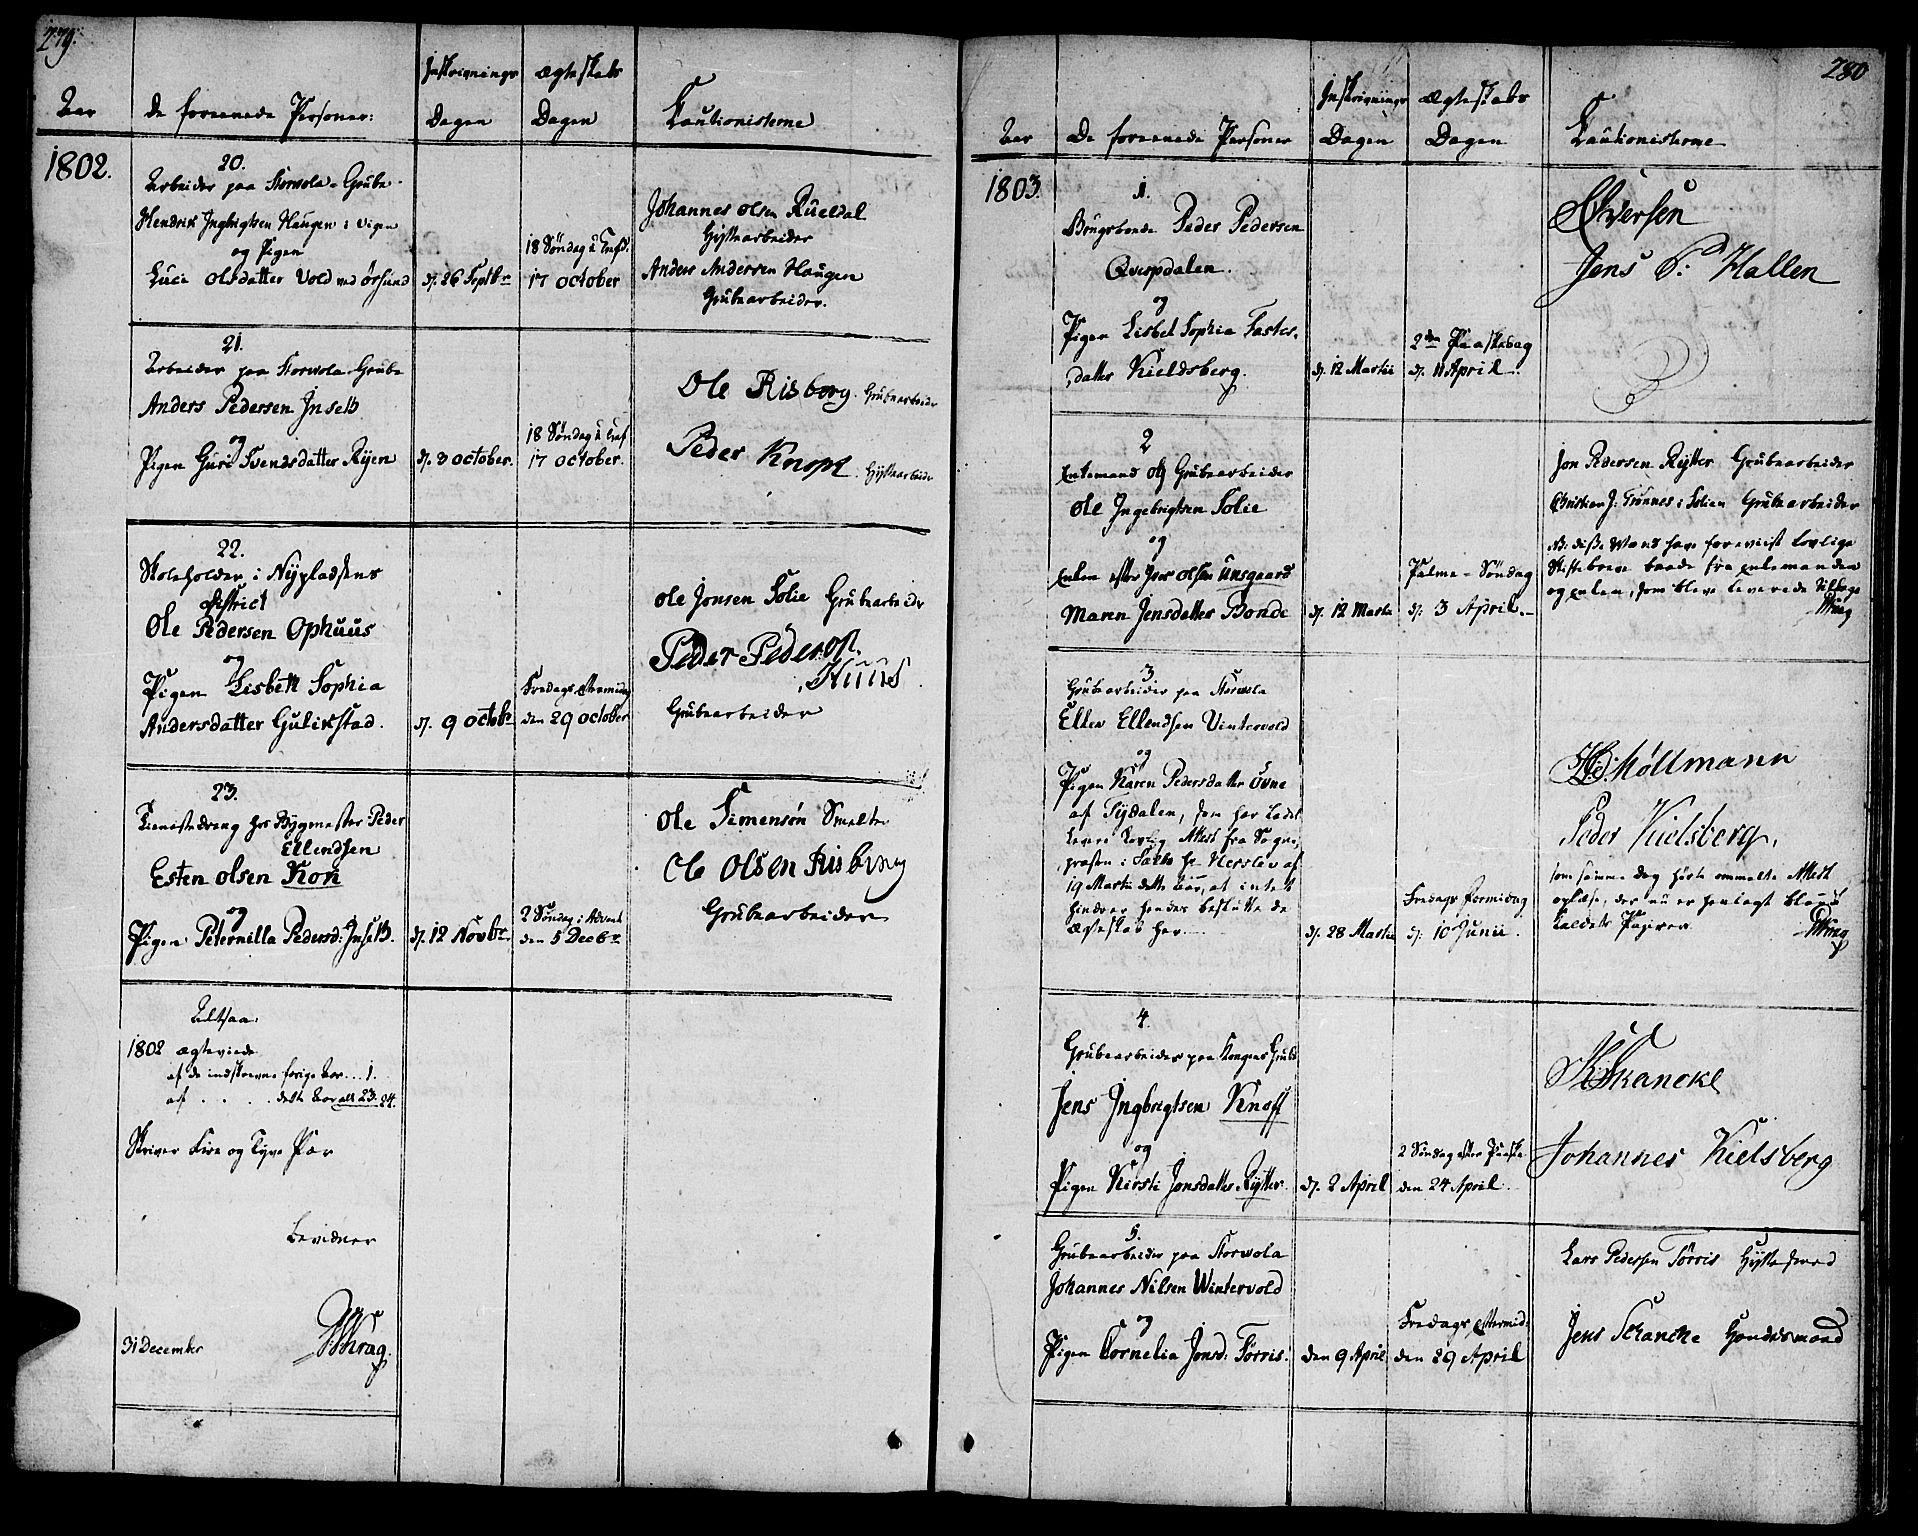 SAT, Ministerialprotokoller, klokkerbøker og fødselsregistre - Sør-Trøndelag, 681/L0927: Ministerialbok nr. 681A05, 1798-1808, s. 279-280